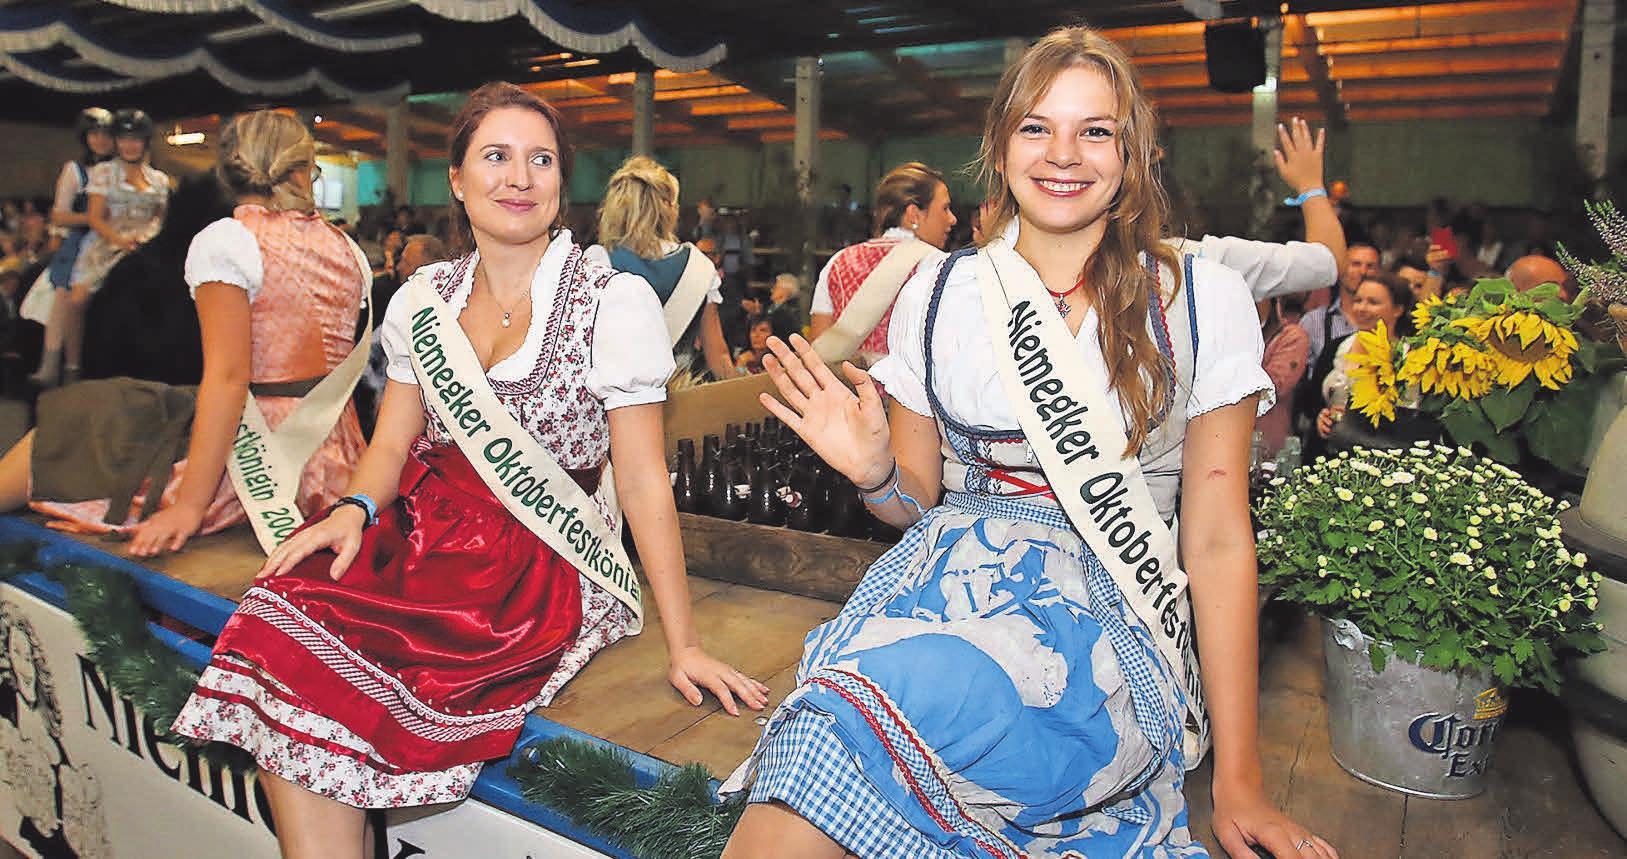 Oktoberfestköniginnen der vergangenen Jahre: 2019 wird ein weiteres Mädchen gekrönt.